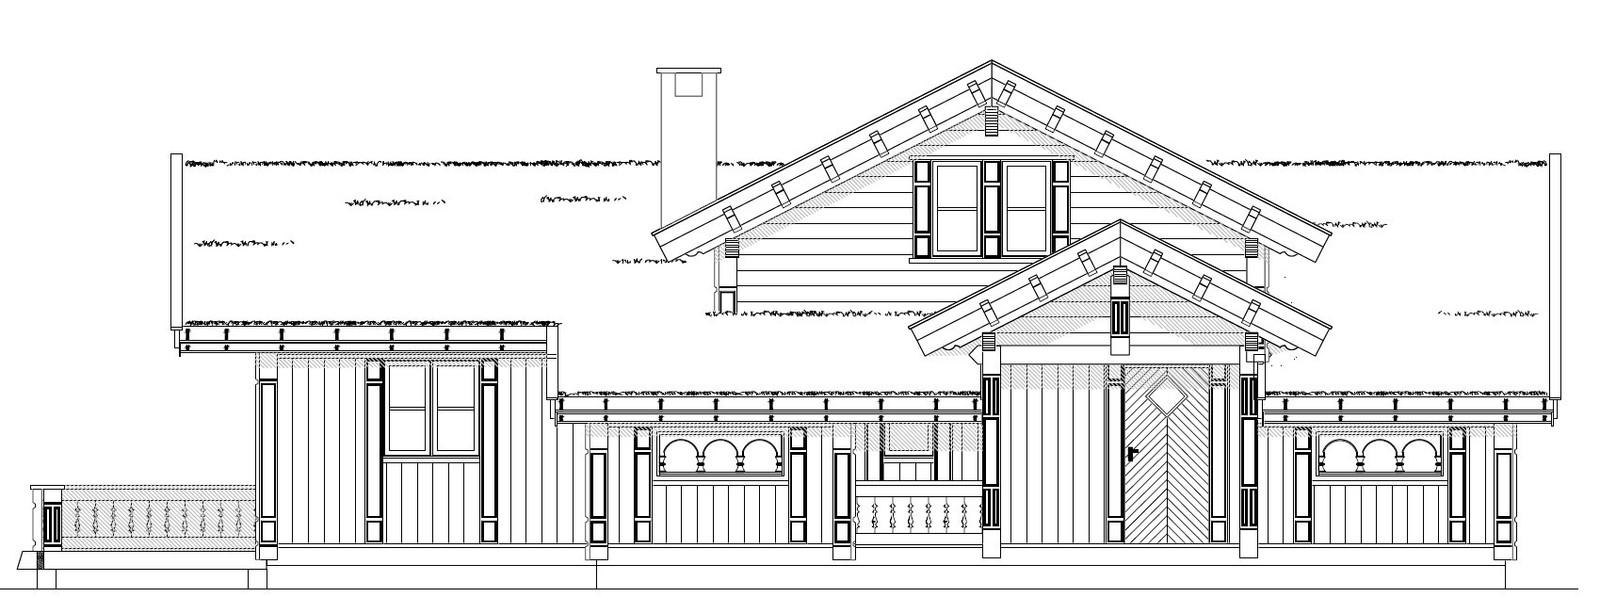 Prosjektert planløsning for den aktuelle hytta